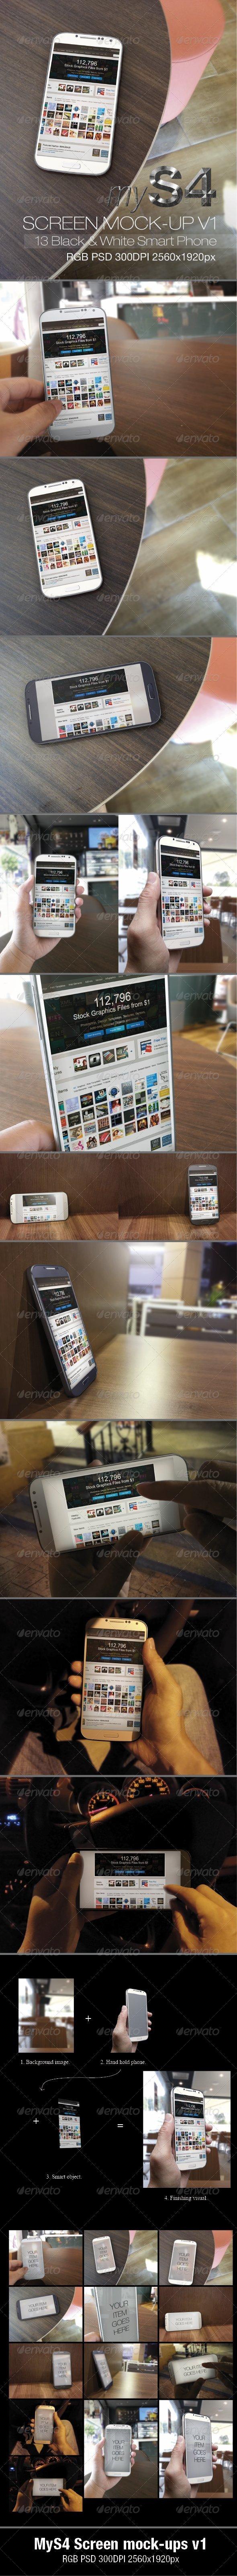 MyS4 screen mock-ups v1 - Mobile Displays